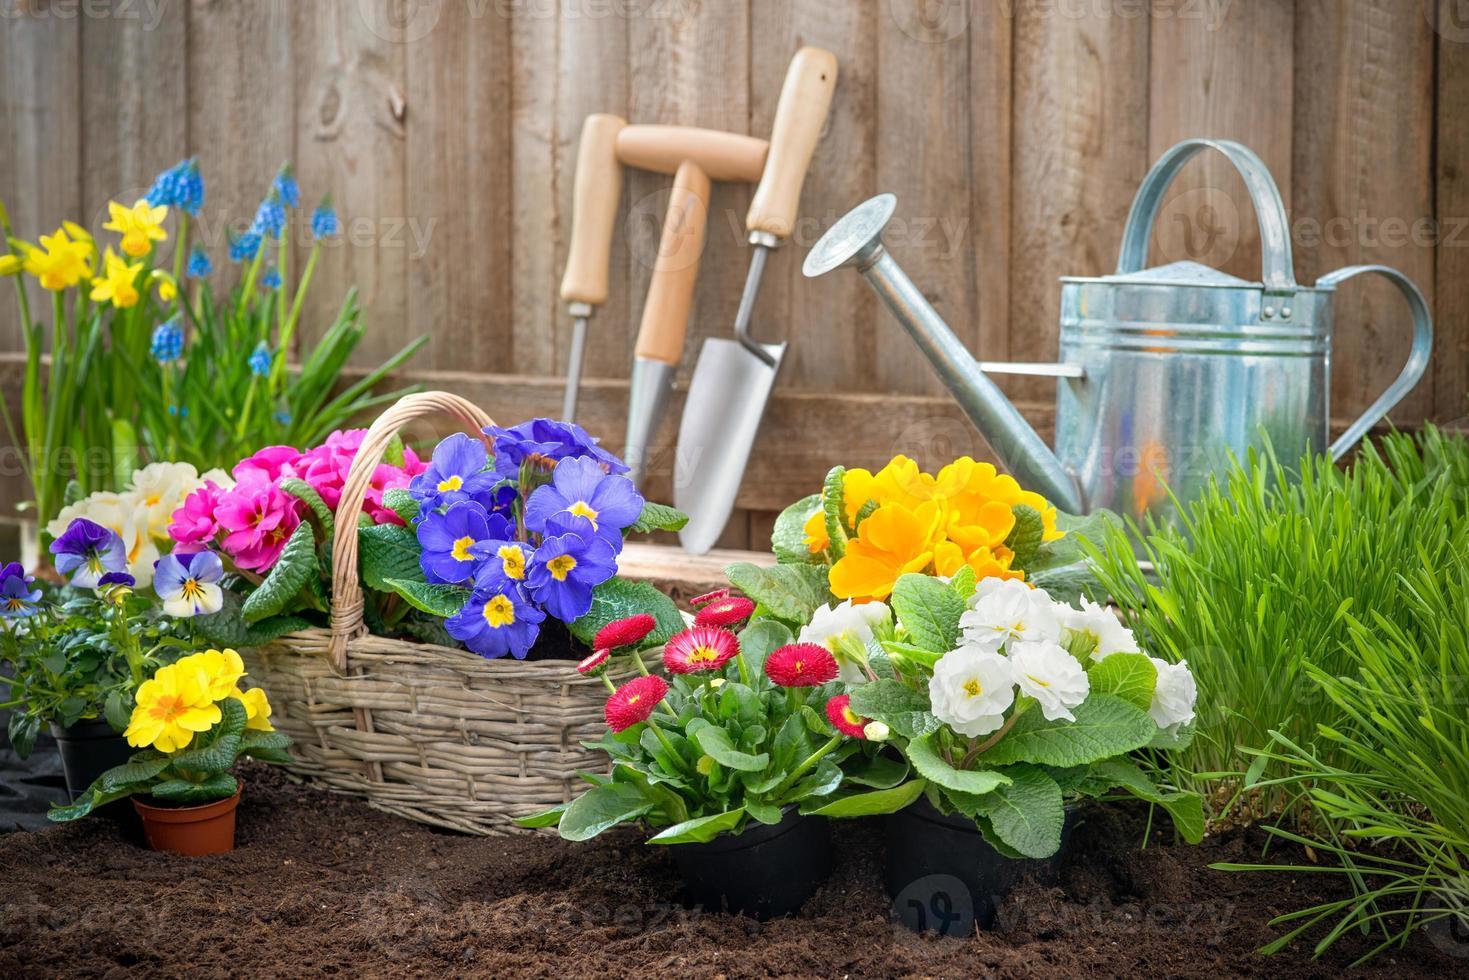 jardineiro plantando flores foto